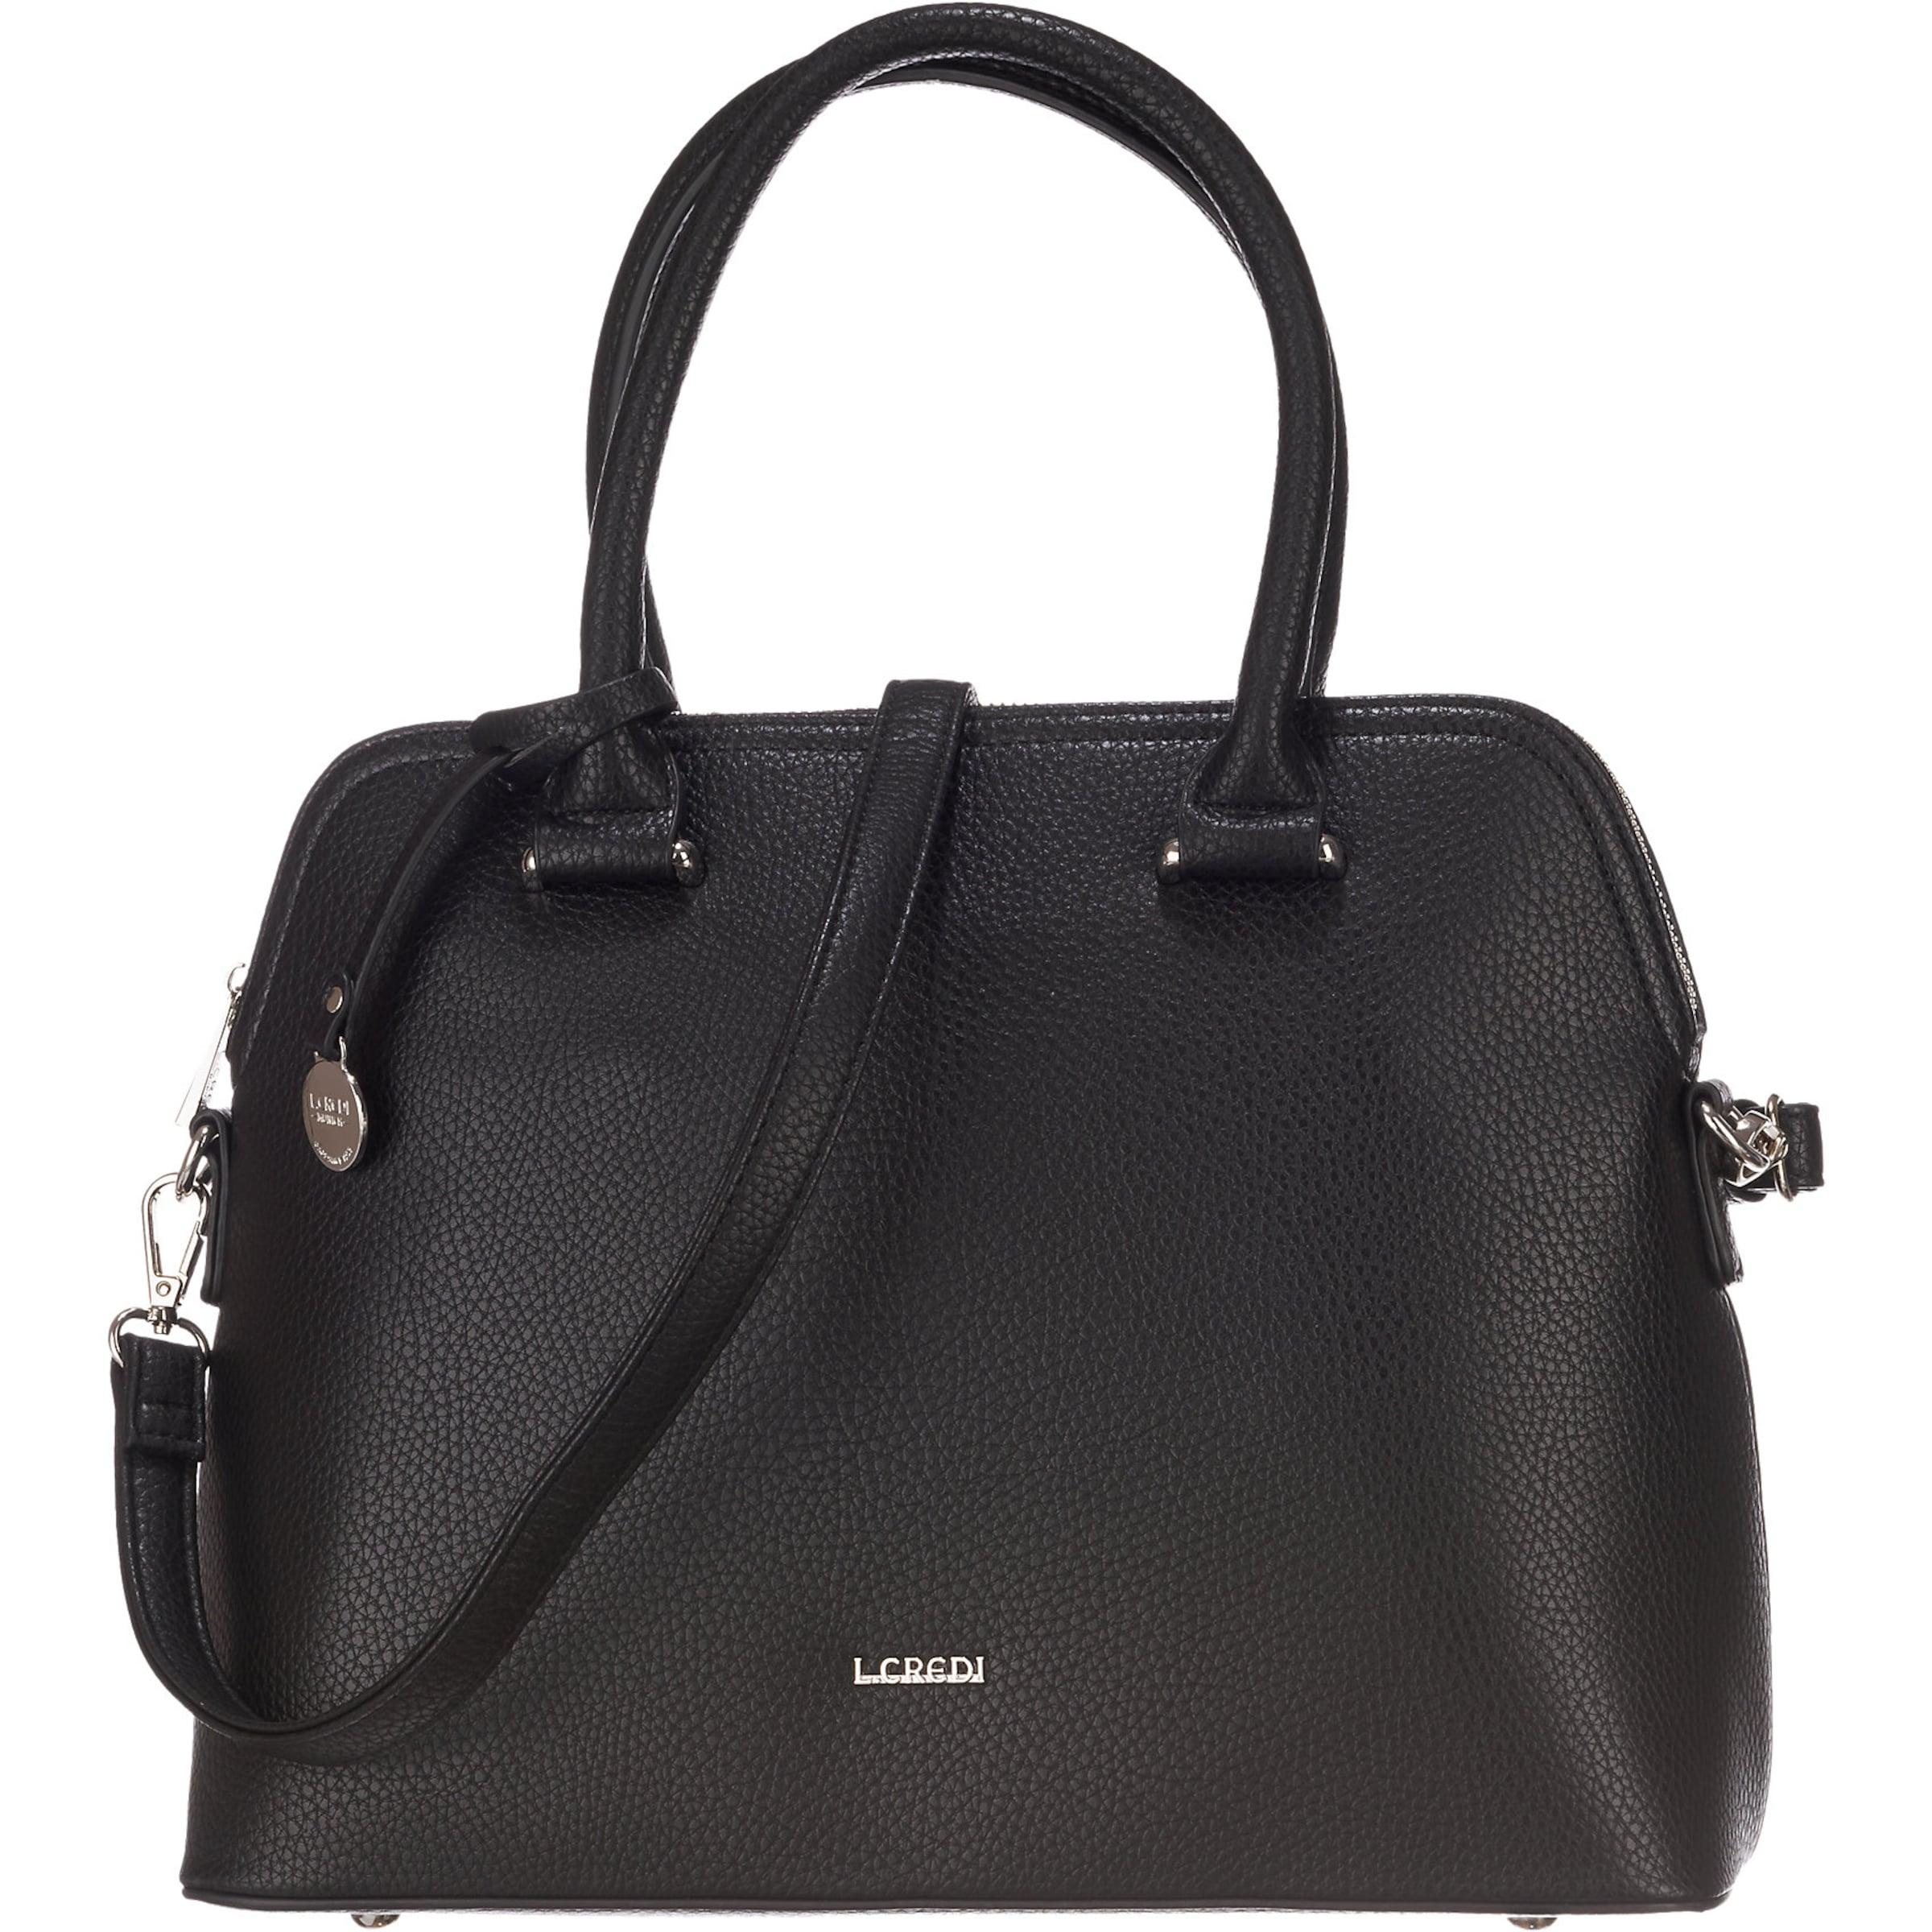 Maxima Handtasche CREDI Maxima CREDI L Handtasche L O7pZxn8